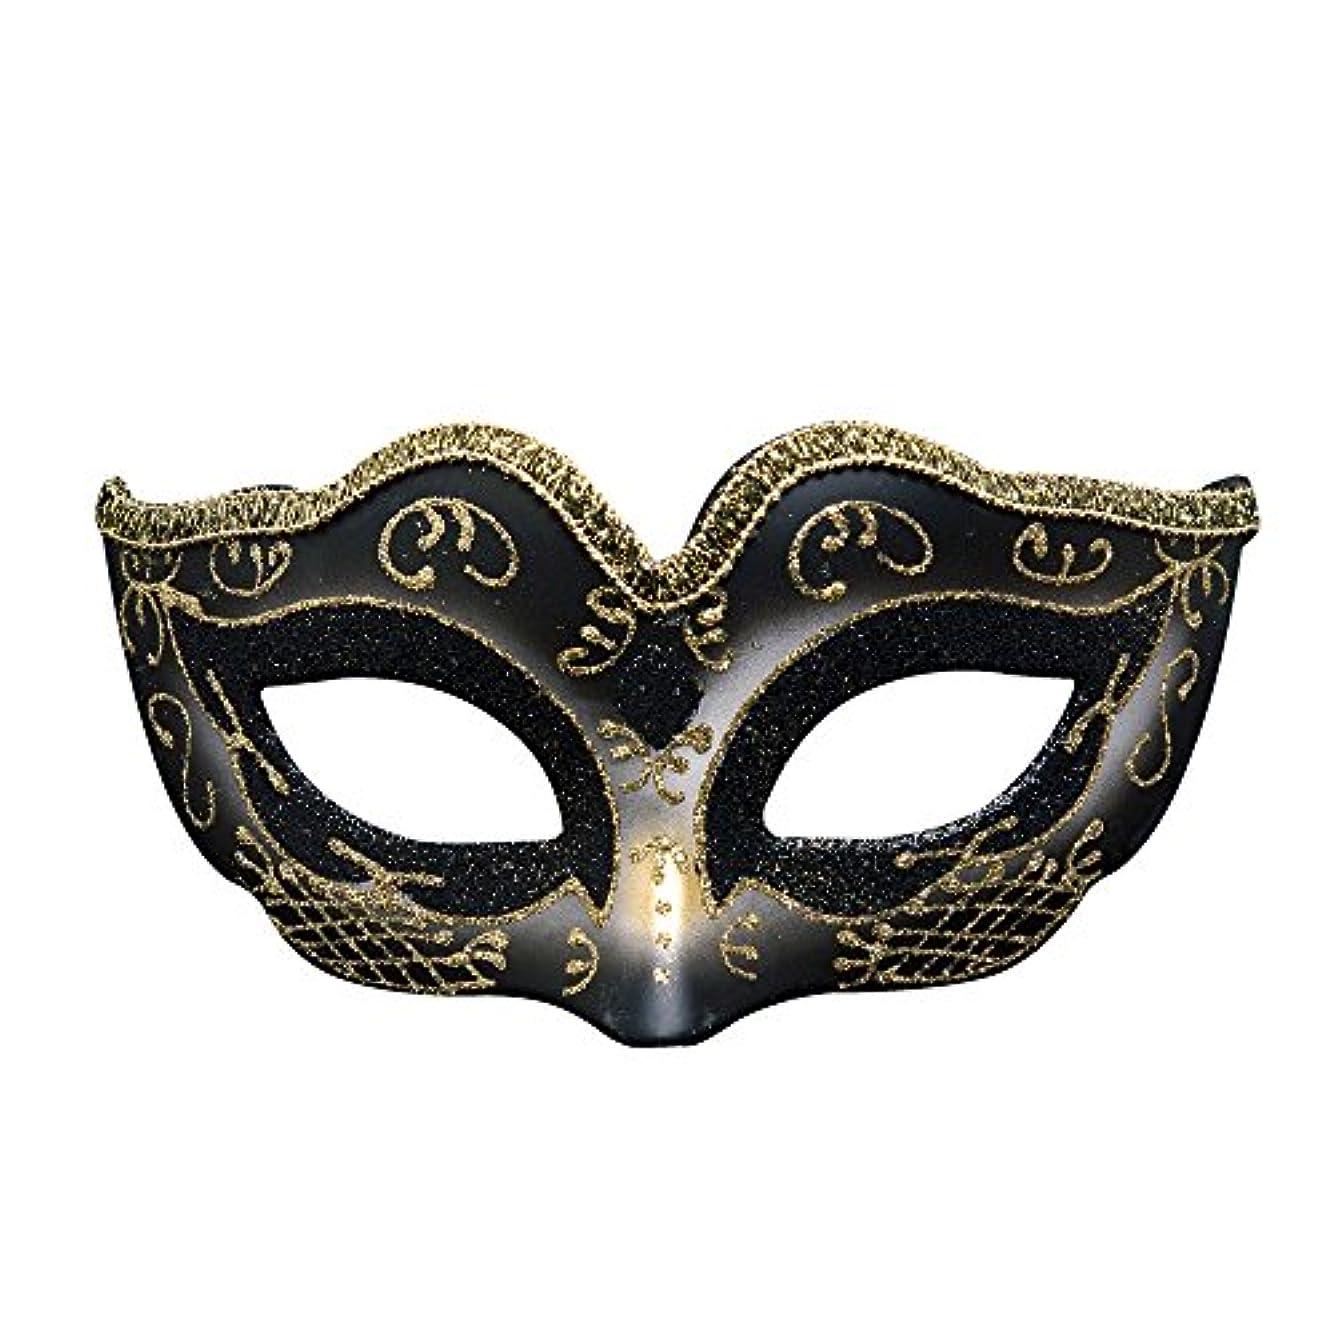 タイル債務者マイクロプロセッサクリエイティブカスタム子供のなりすましパーティーハロウィーンマスククリスマス雰囲気マスク (Color : F)